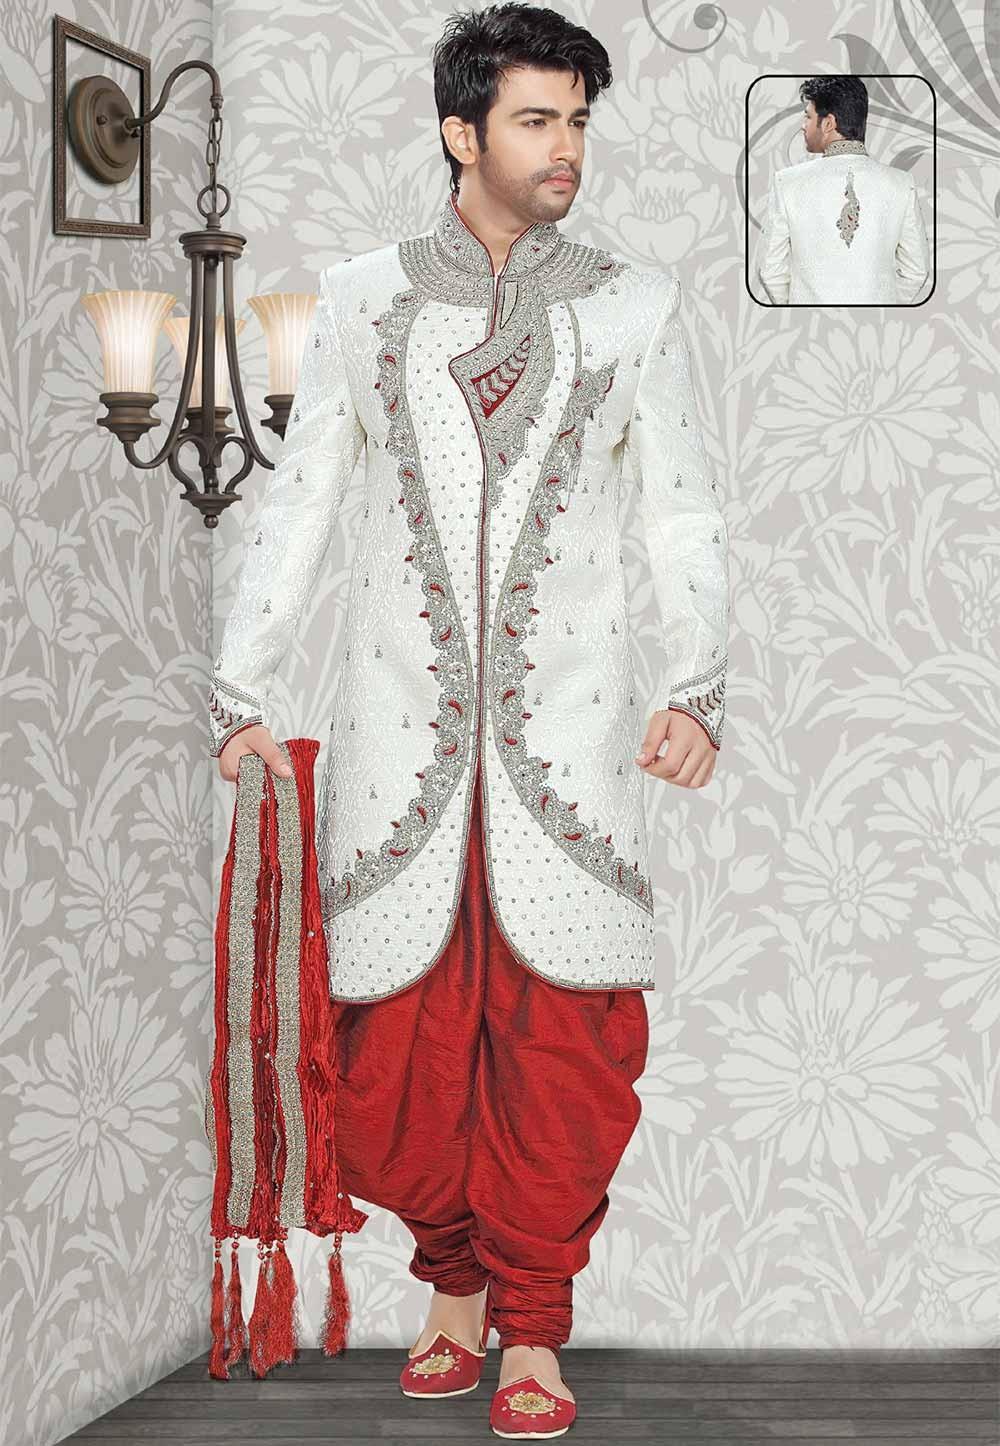 Buy off white colour wedding sherwani for men